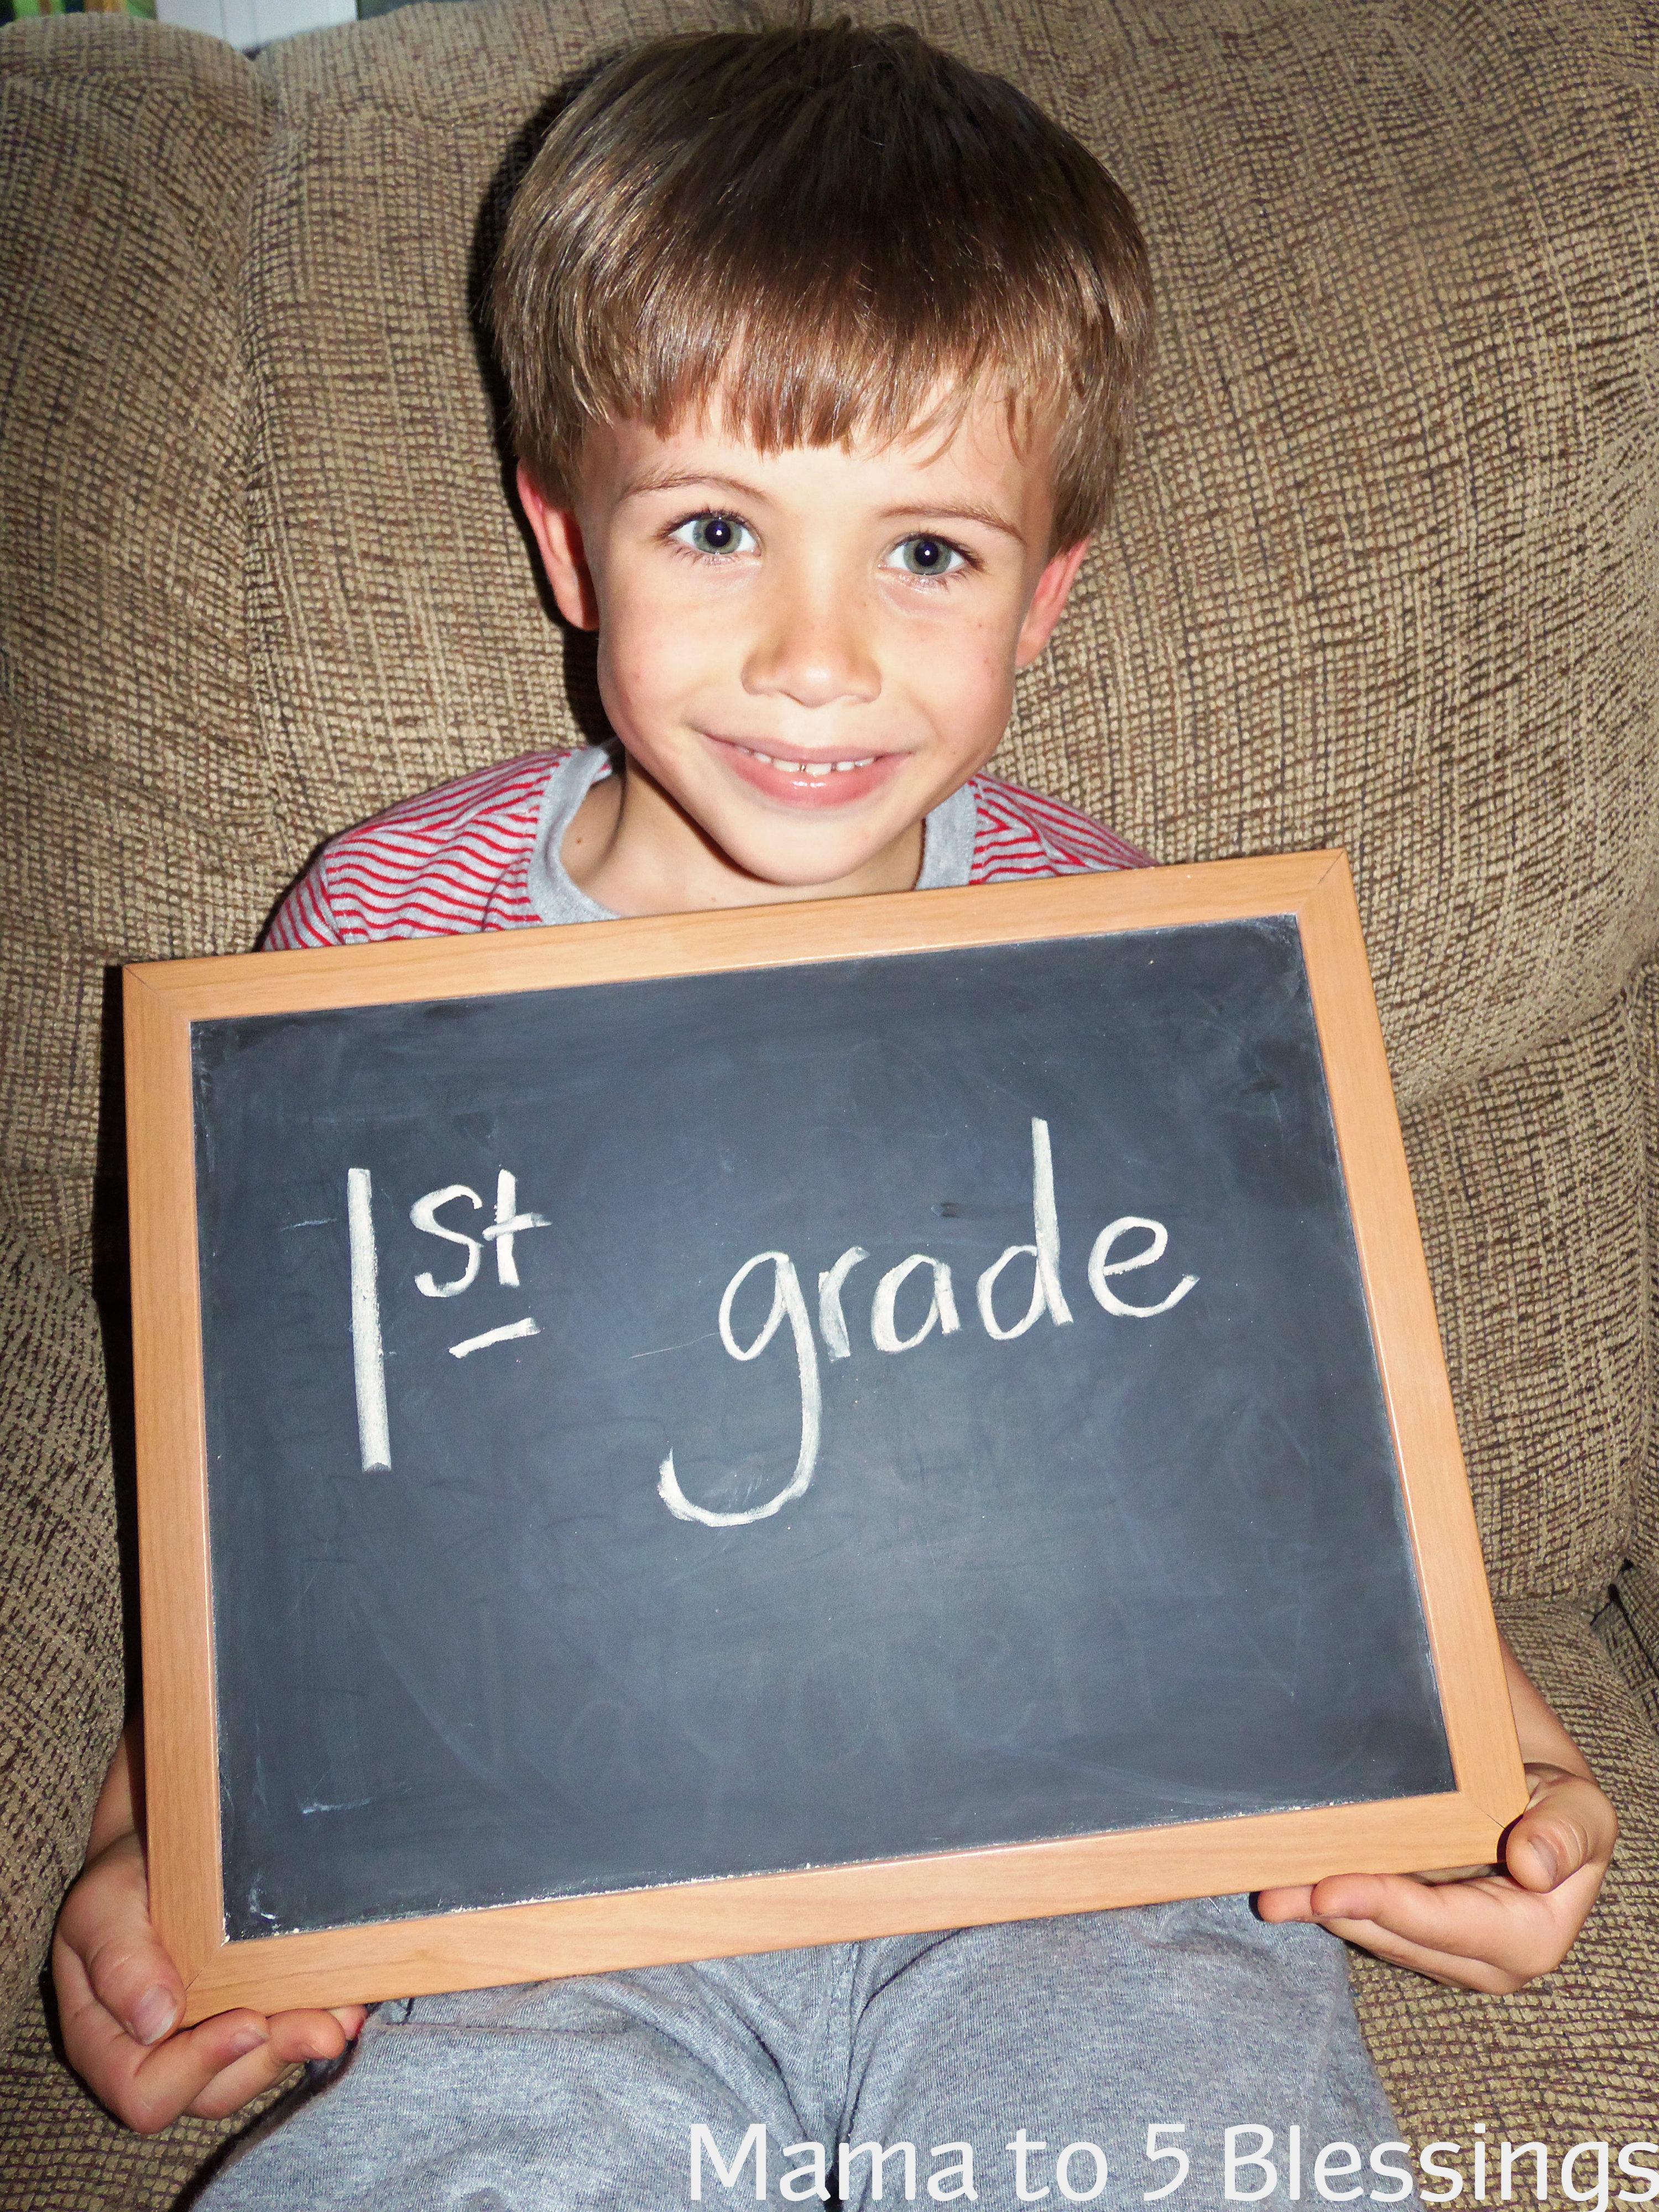 ssl 1st grade